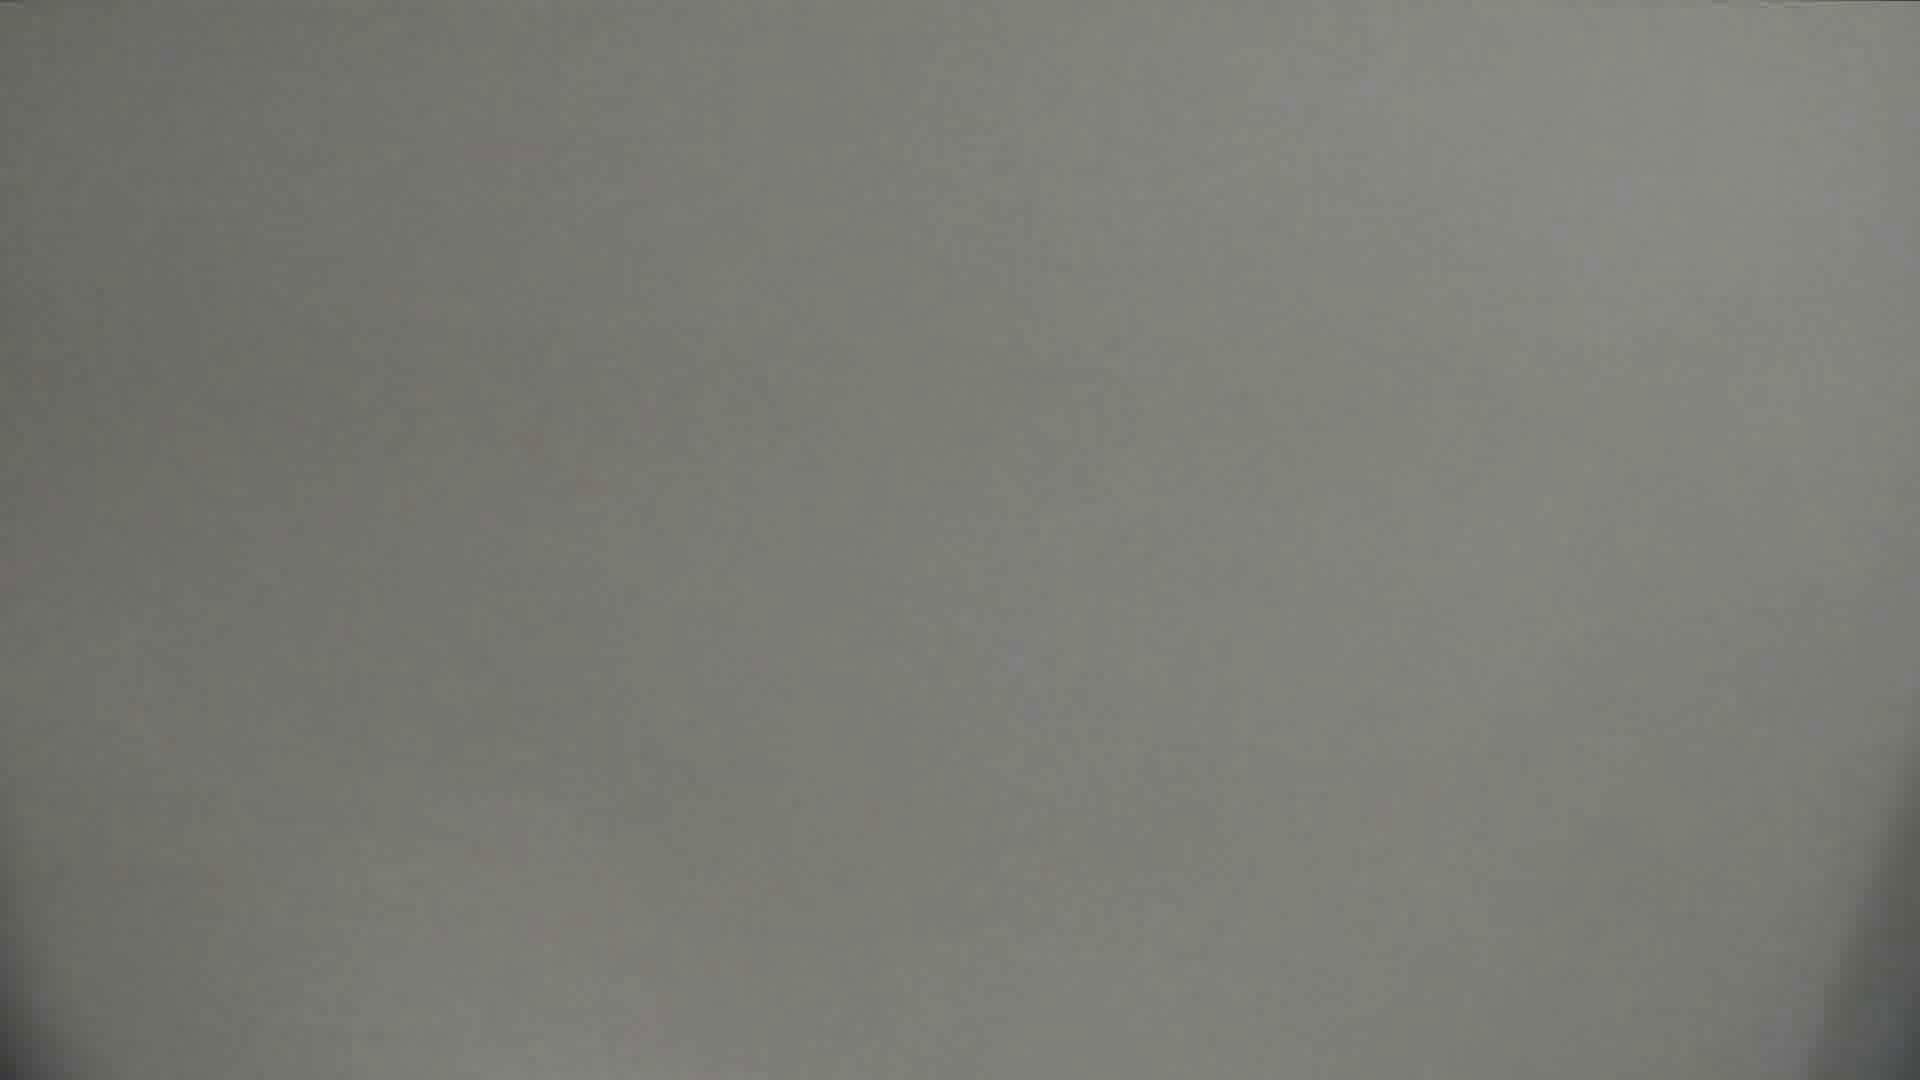 vol.28 命がけ潜伏洗面所! ∑(゚Д゚)アッ! 洗面所 | 美人  103pic 52